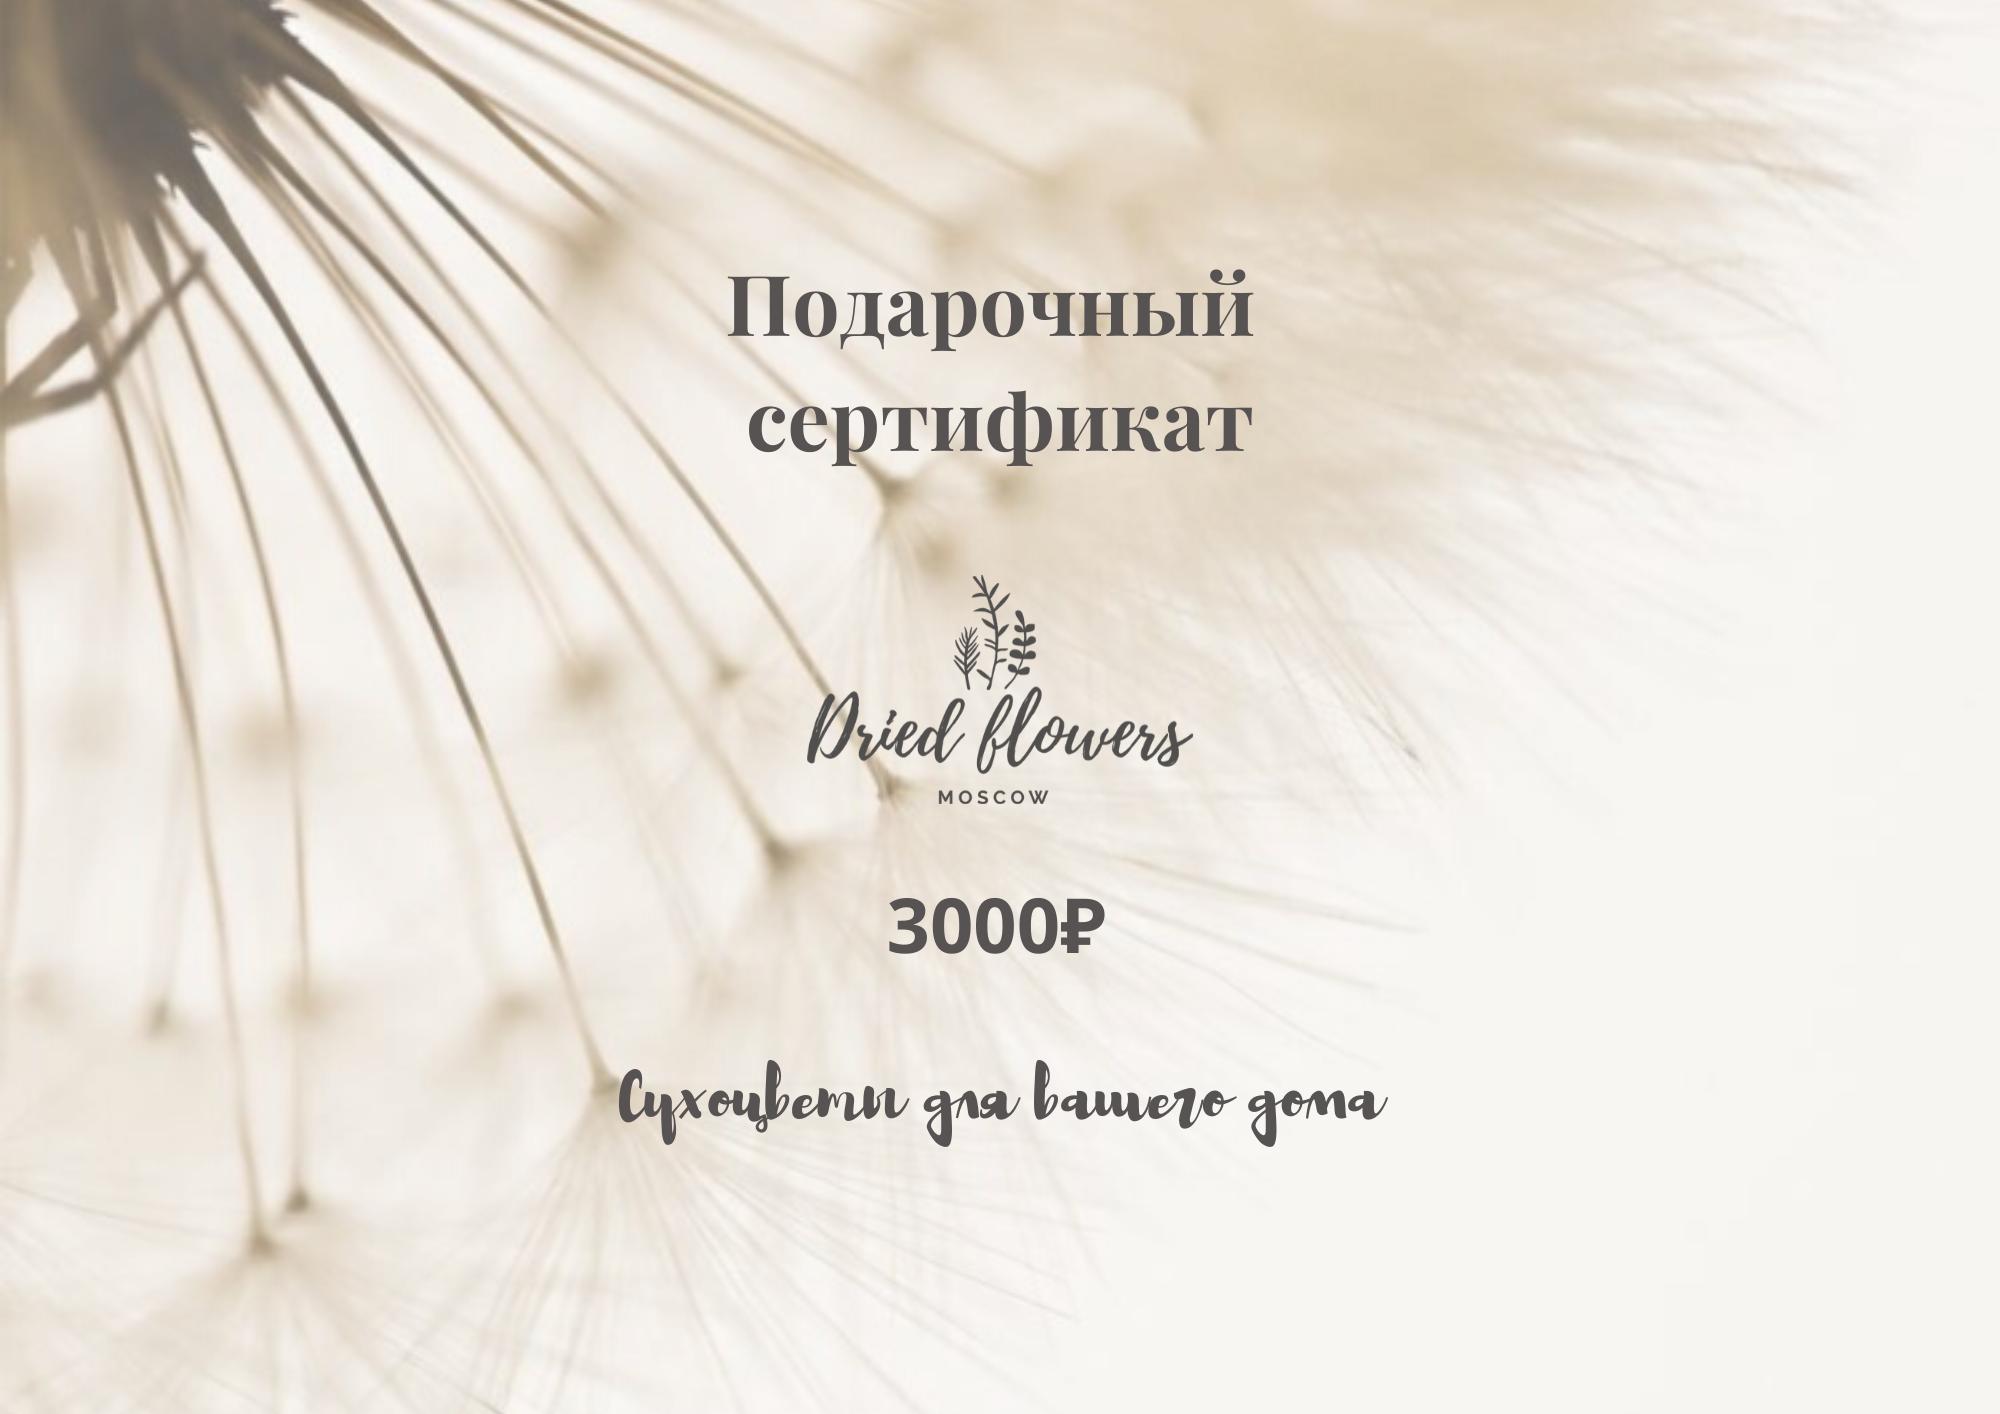 Подарочный сертификат на 3.000 рублей/Dried Flowers Moscow